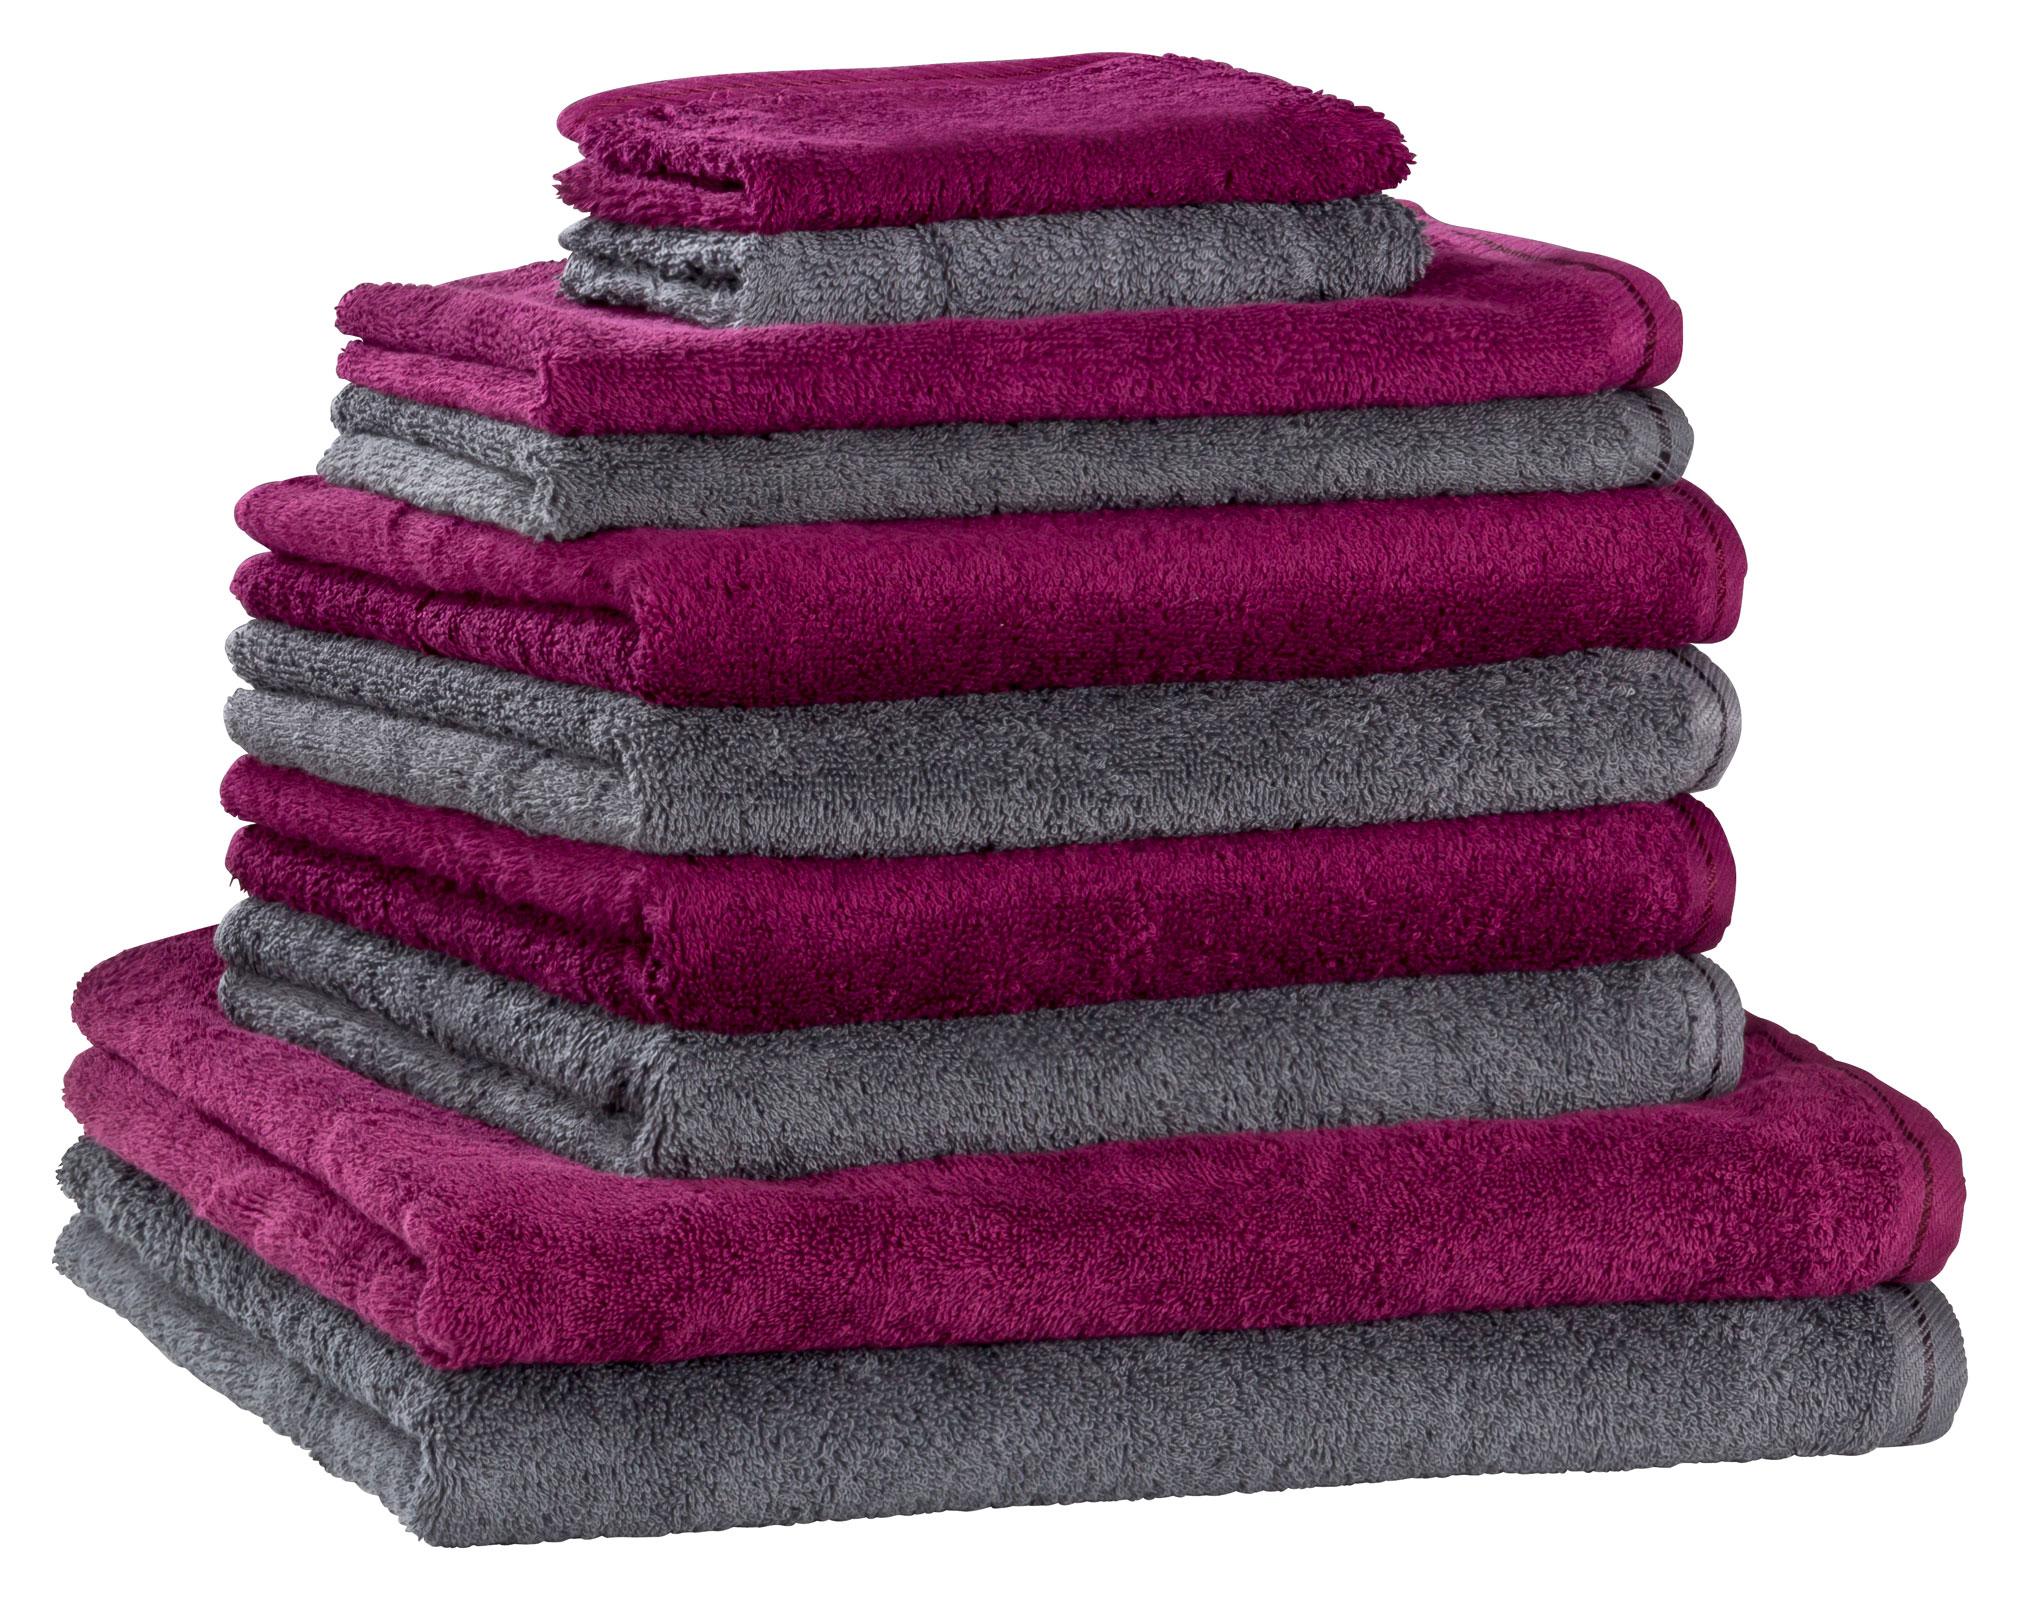 floringo premium handtuchset handtuch set 10 teilig profi star 500g m ebay. Black Bedroom Furniture Sets. Home Design Ideas